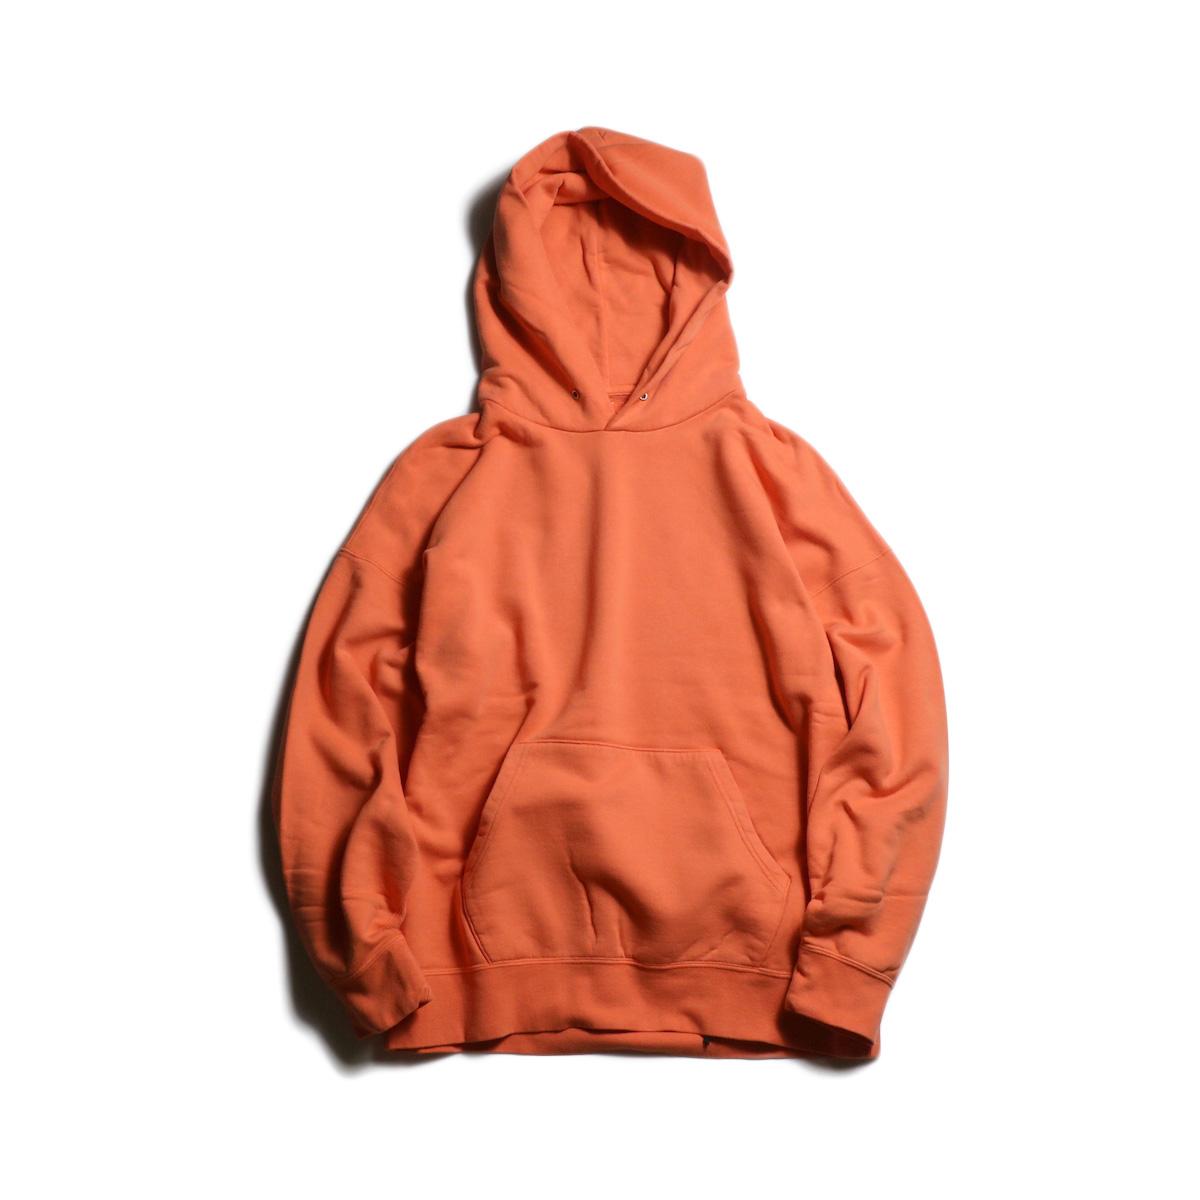 visvim / JUMBO HOODIE P.O. (VEGGIE DYE)(Orange)